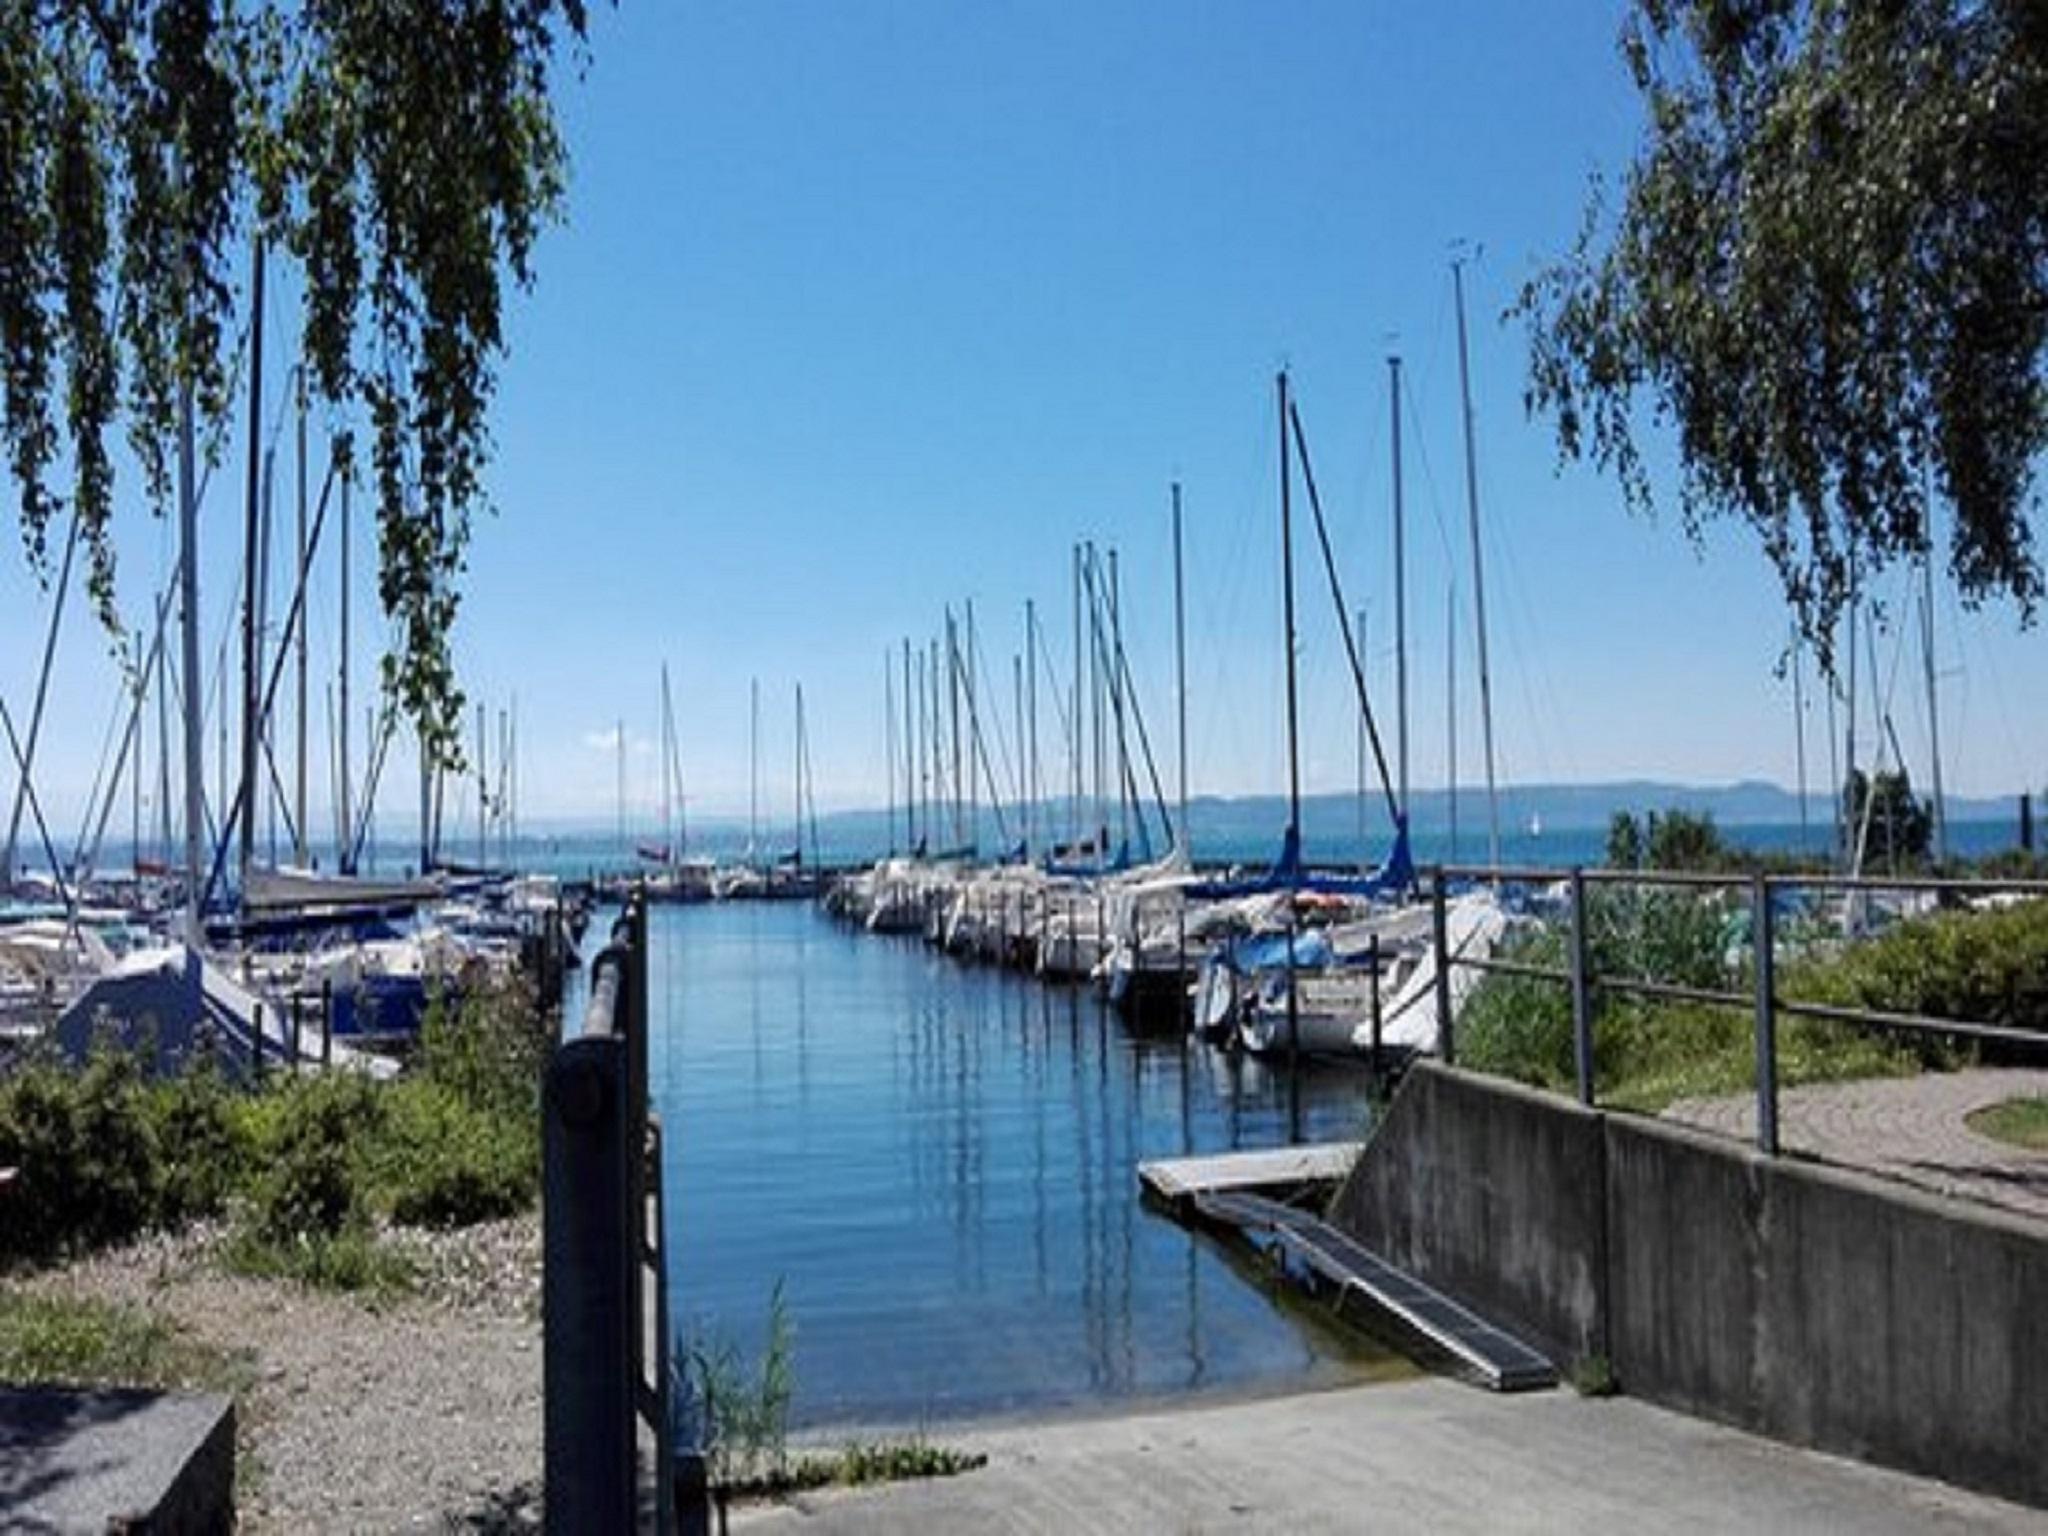 Appartement de vacances relaxe zu Hause ds 3pc oder im Studio eingerichteter Whirlpool und Pool im Somme (2520436), Bevaix, Lac de Neuchâtel, Jura - Neuchâtel, Suisse, image 25